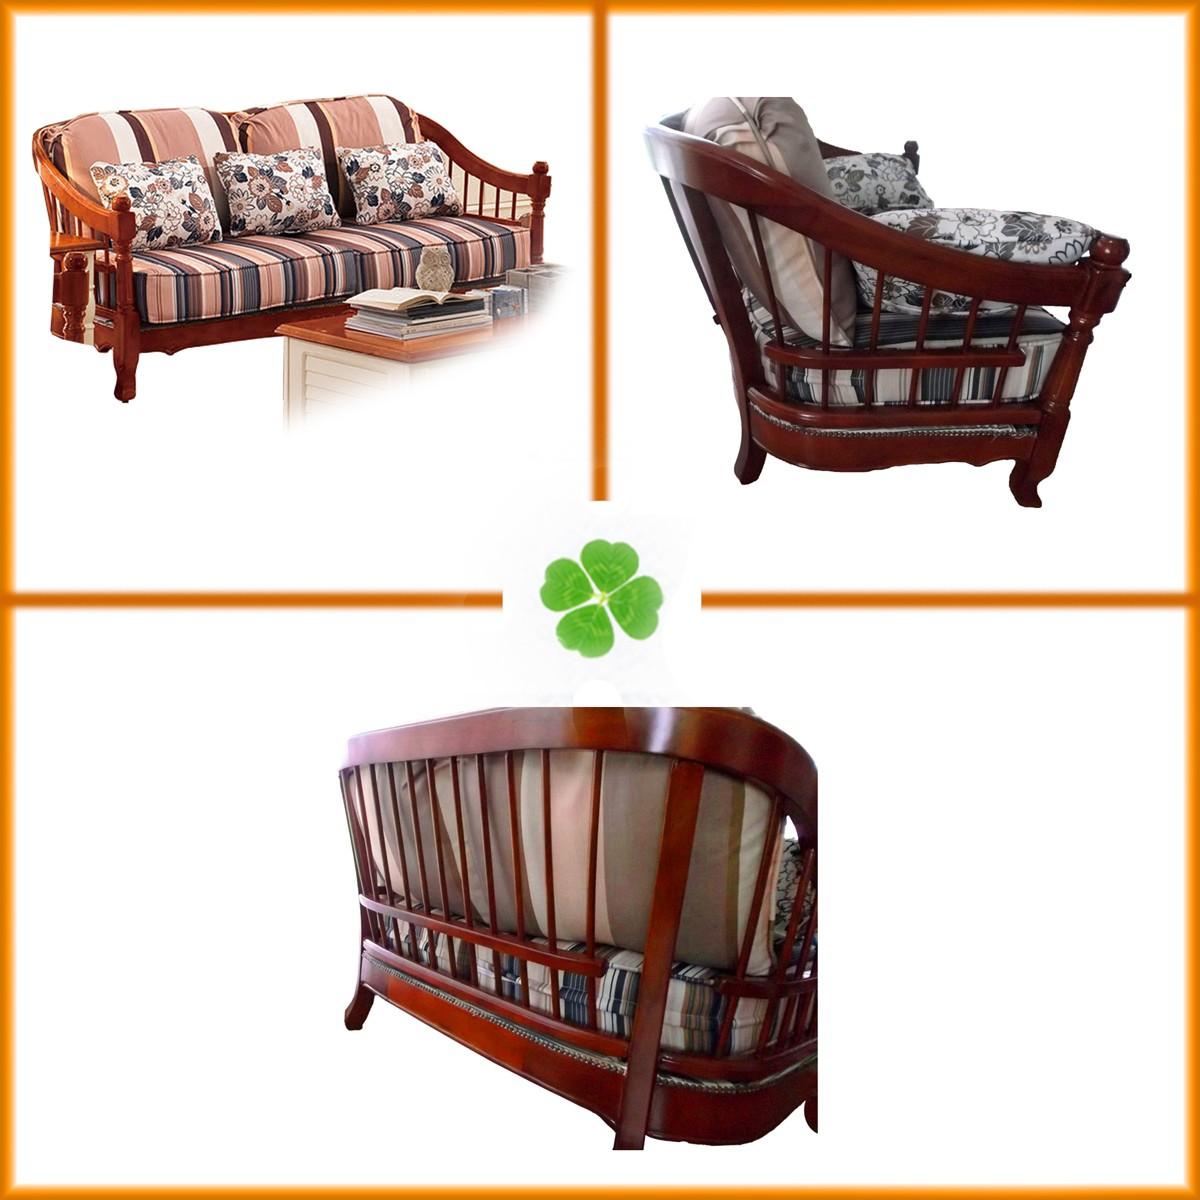 ソファー、ベッド、椅子、くつろぎ